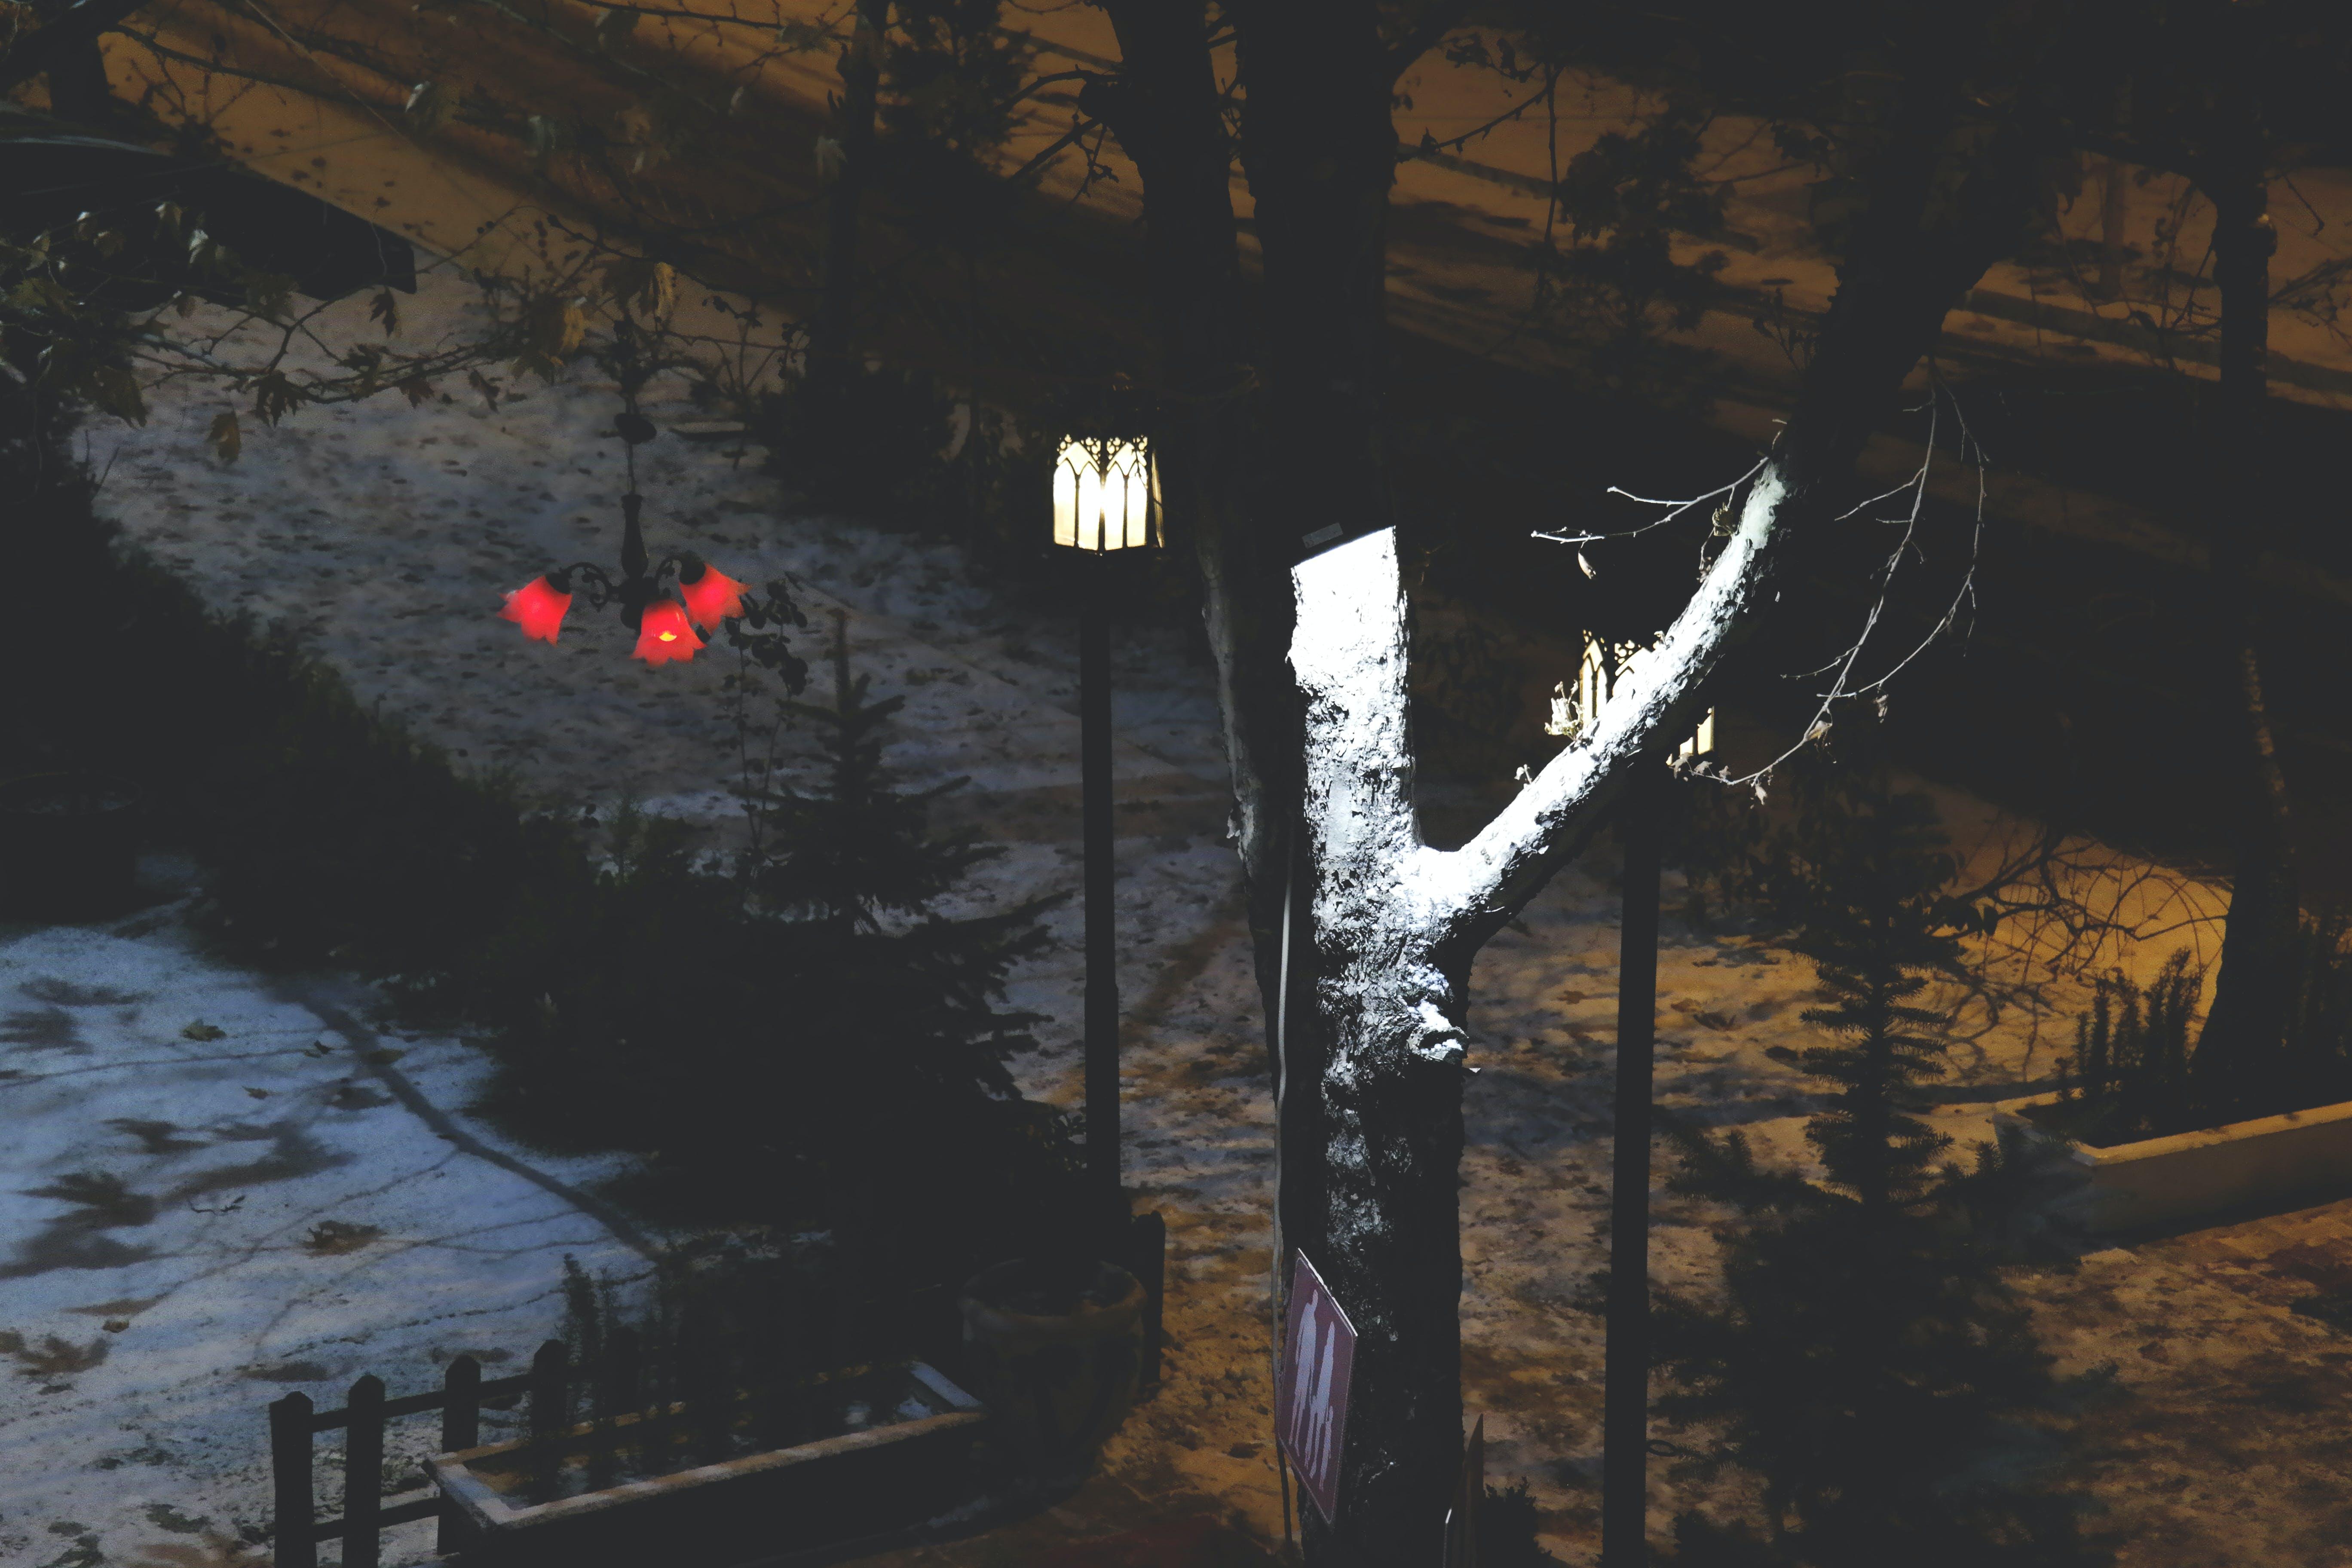 bäume, beleuchtung, dunkel